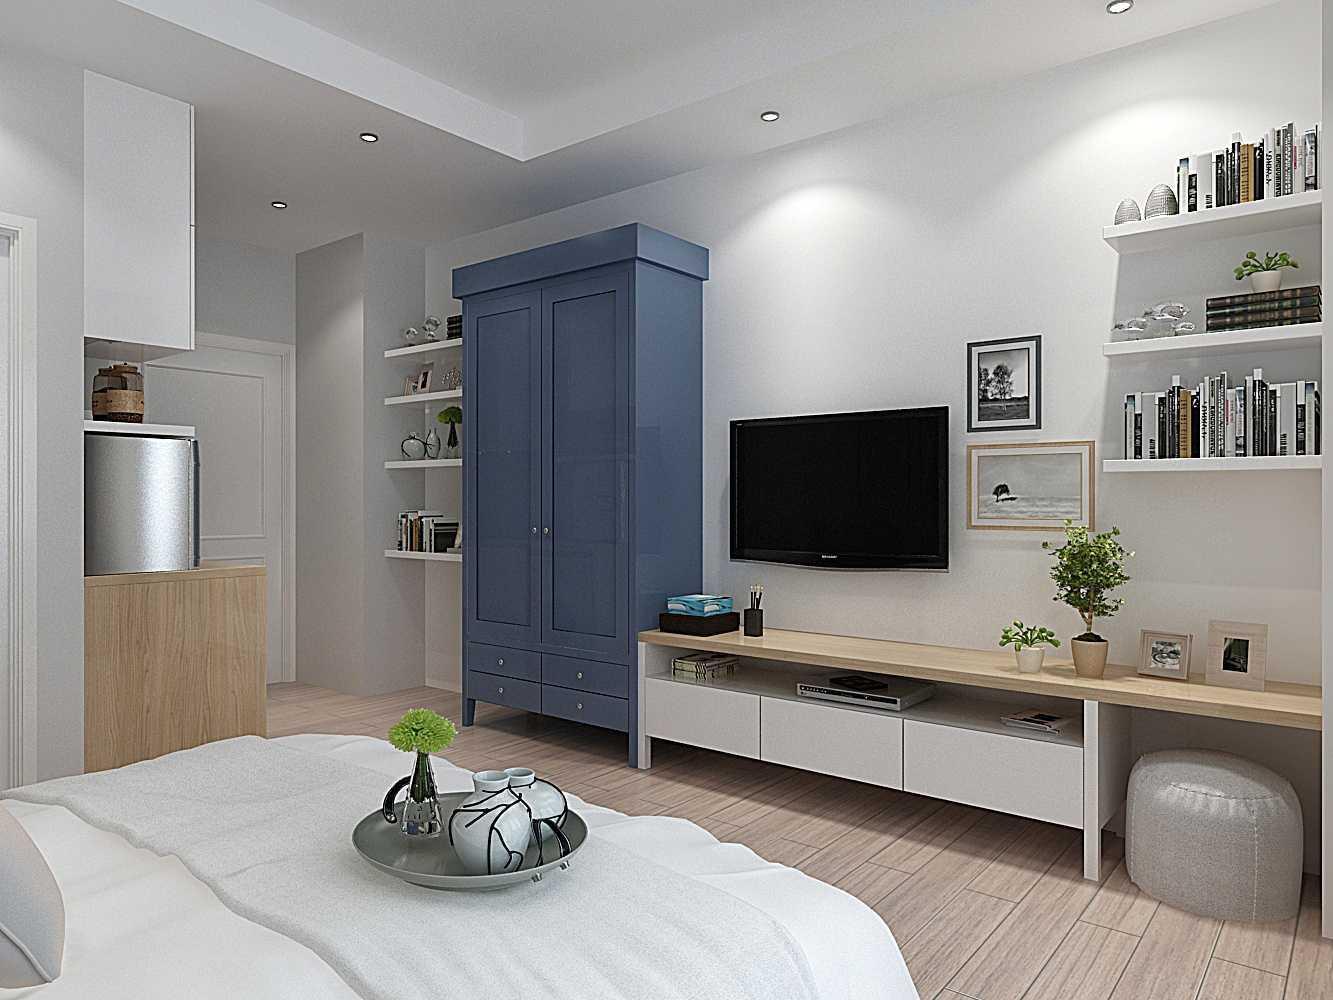 Foto inspirasi ide desain ruang keluarga skandinavia V2-4-011492687066341 oleh 7Design Architect di Arsitag